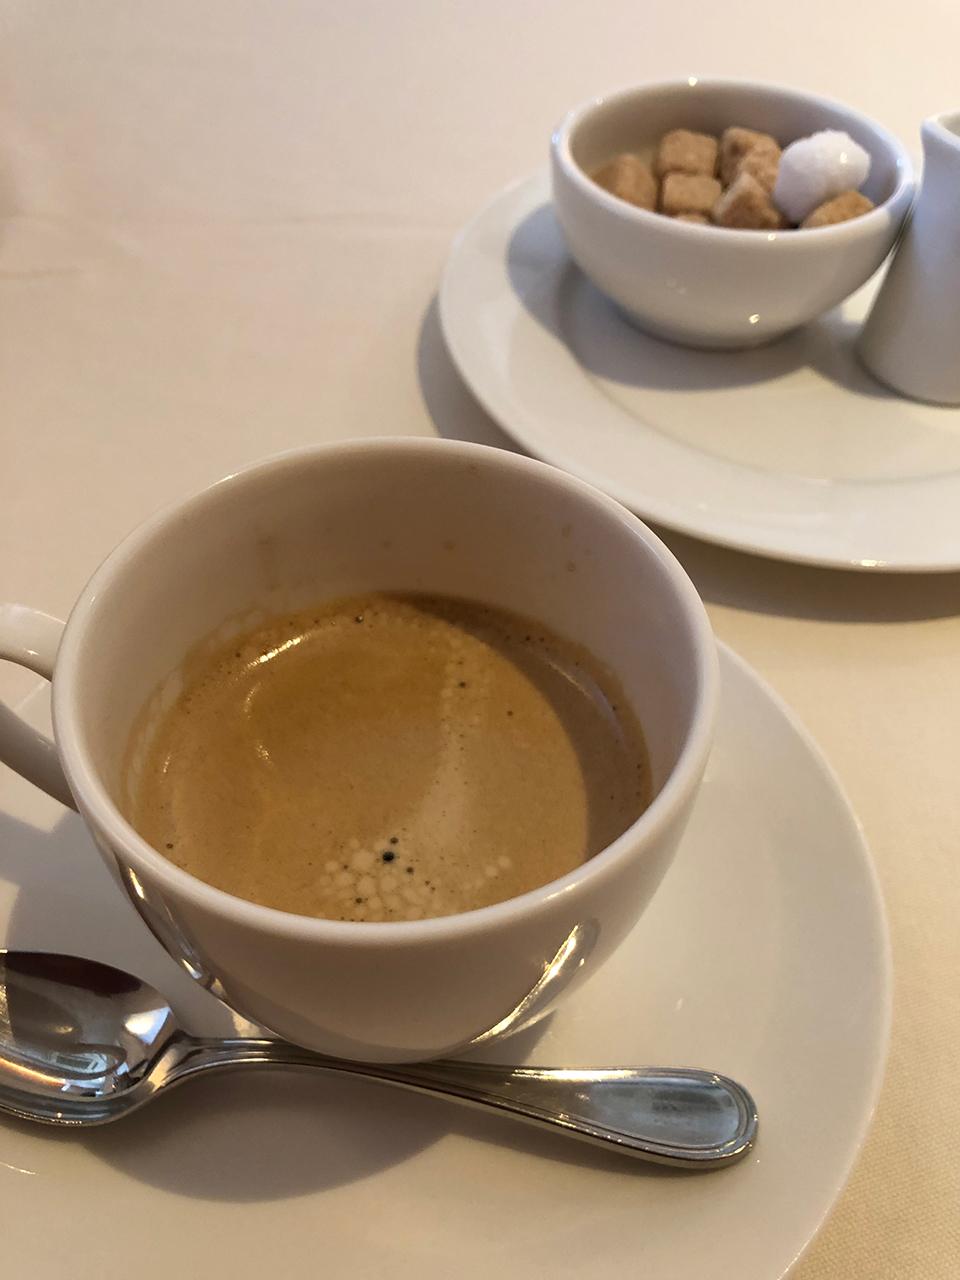 テール・エ・メール(Terre et mer) のコーヒー